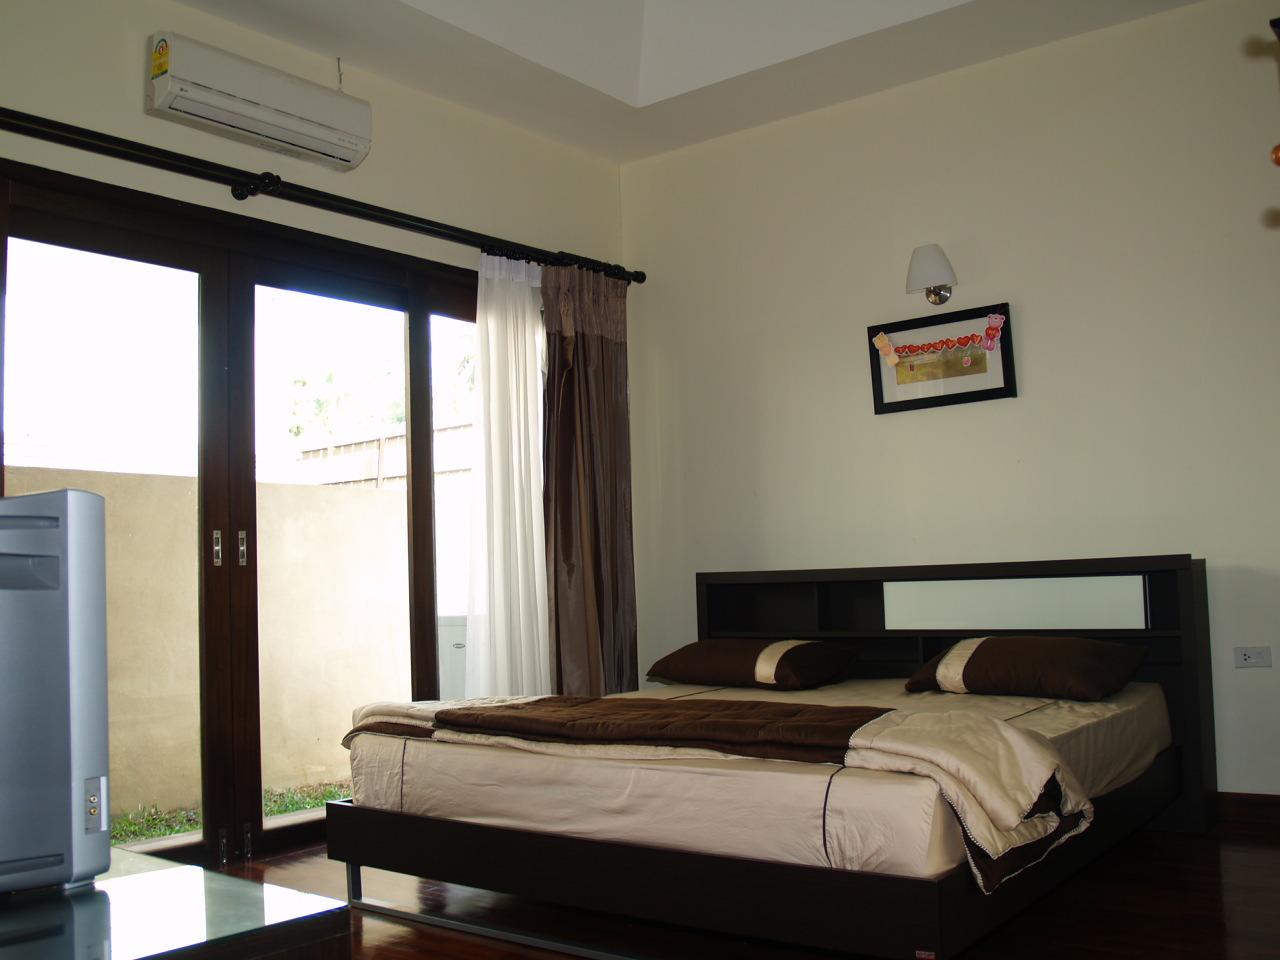 2 Bed Duplex house Bophut